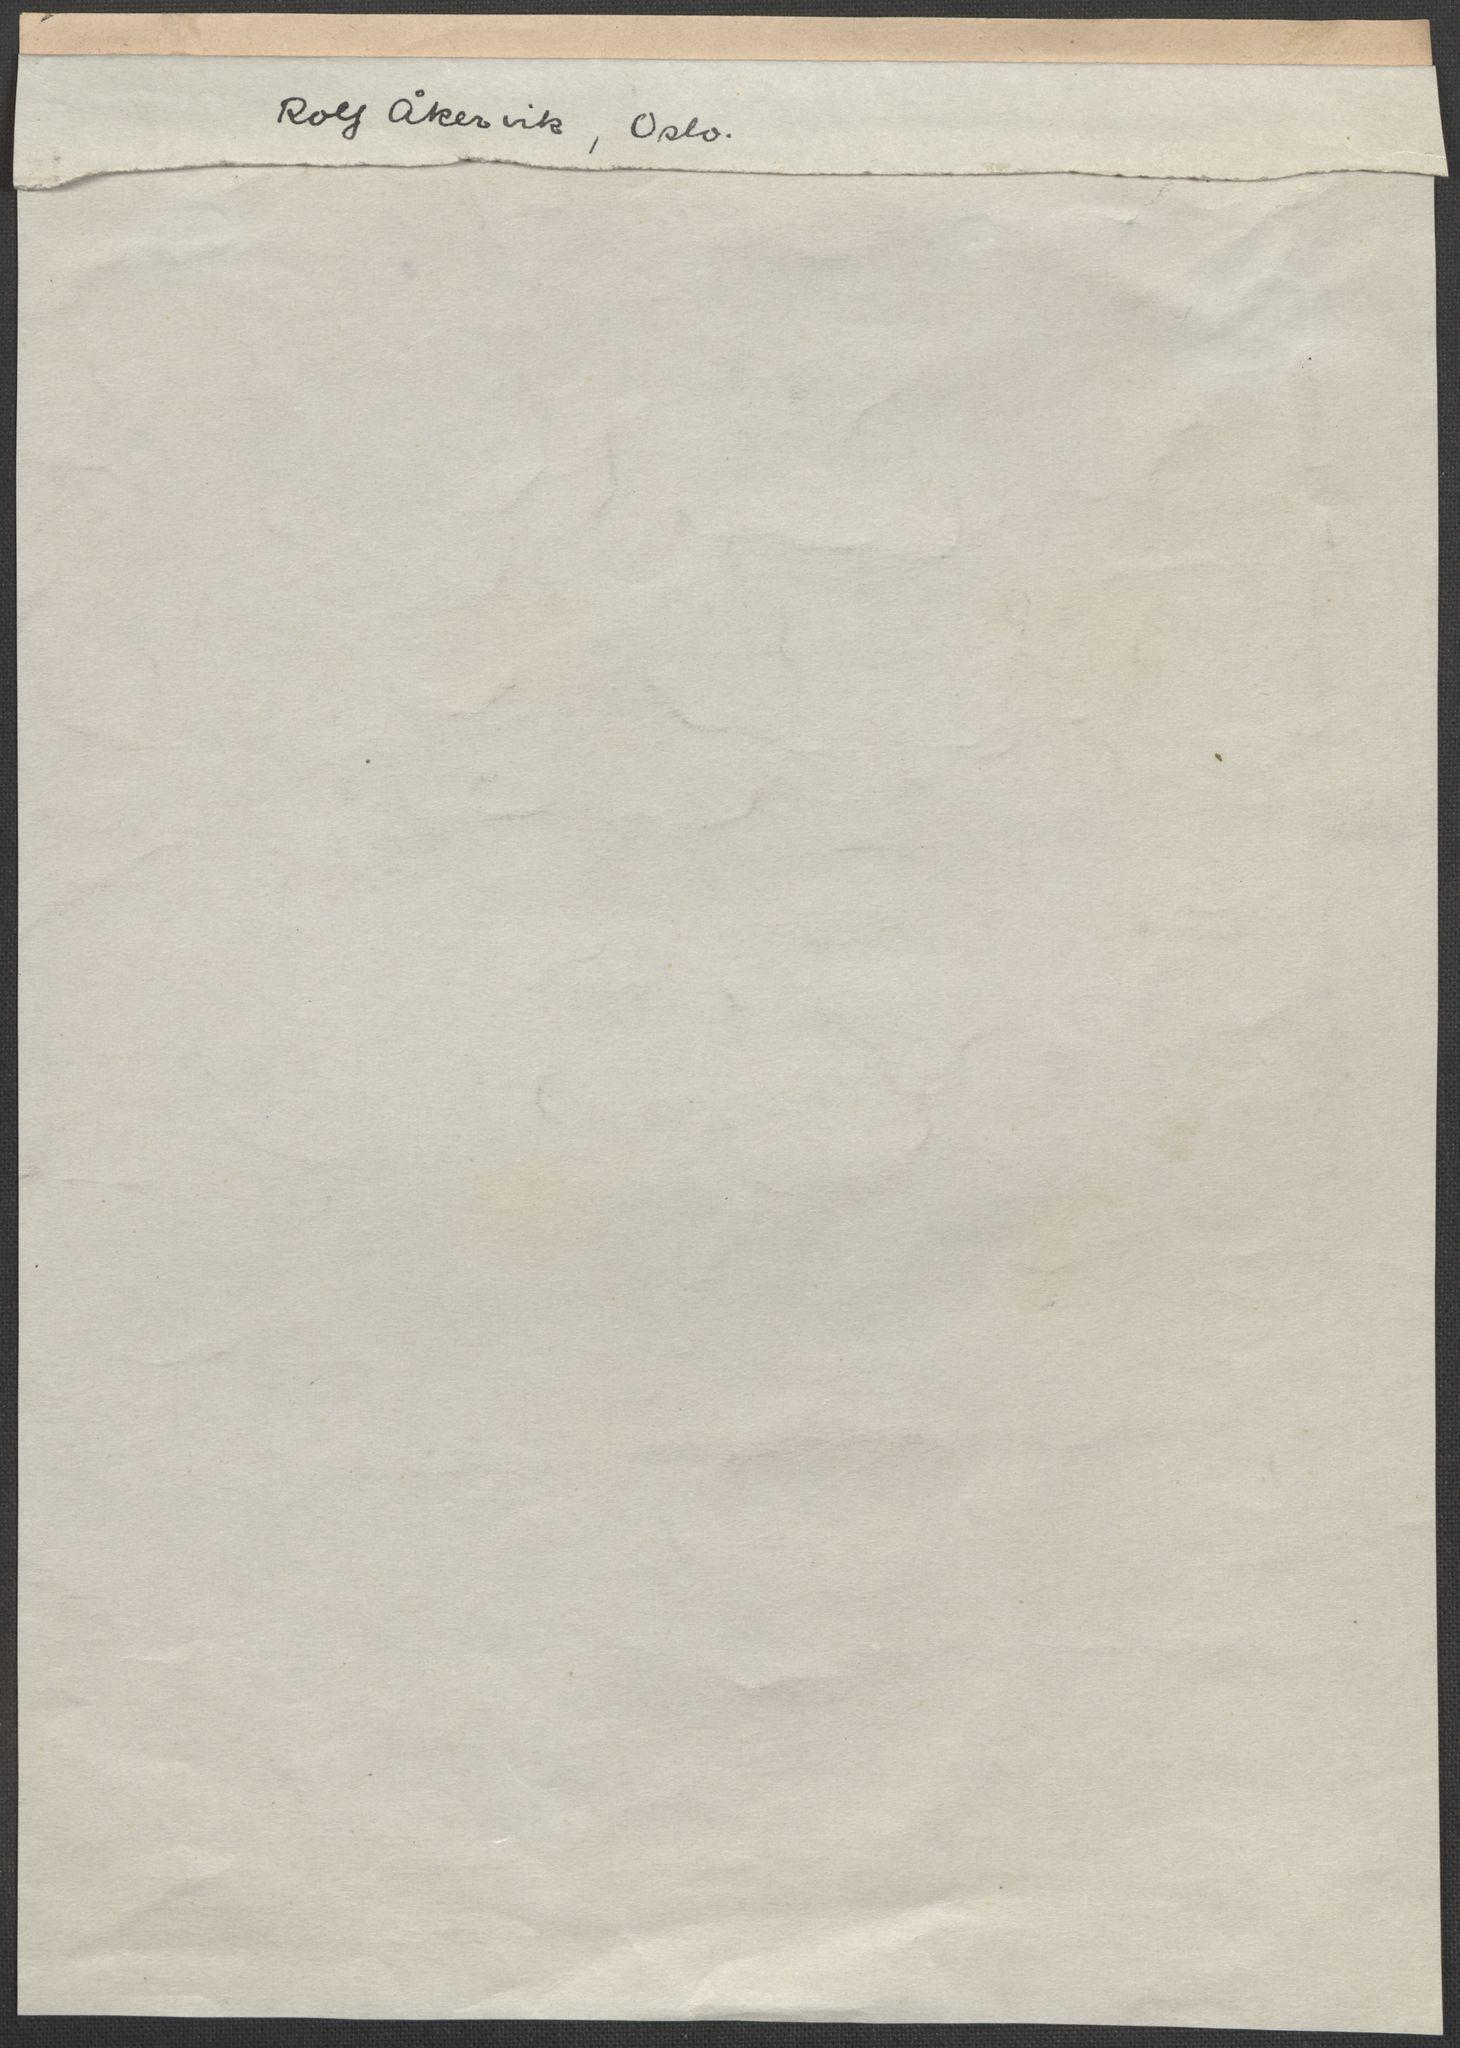 RA, Grøgaard, Joachim, F/L0002: Tegninger og tekster, 1942-1945, s. 121